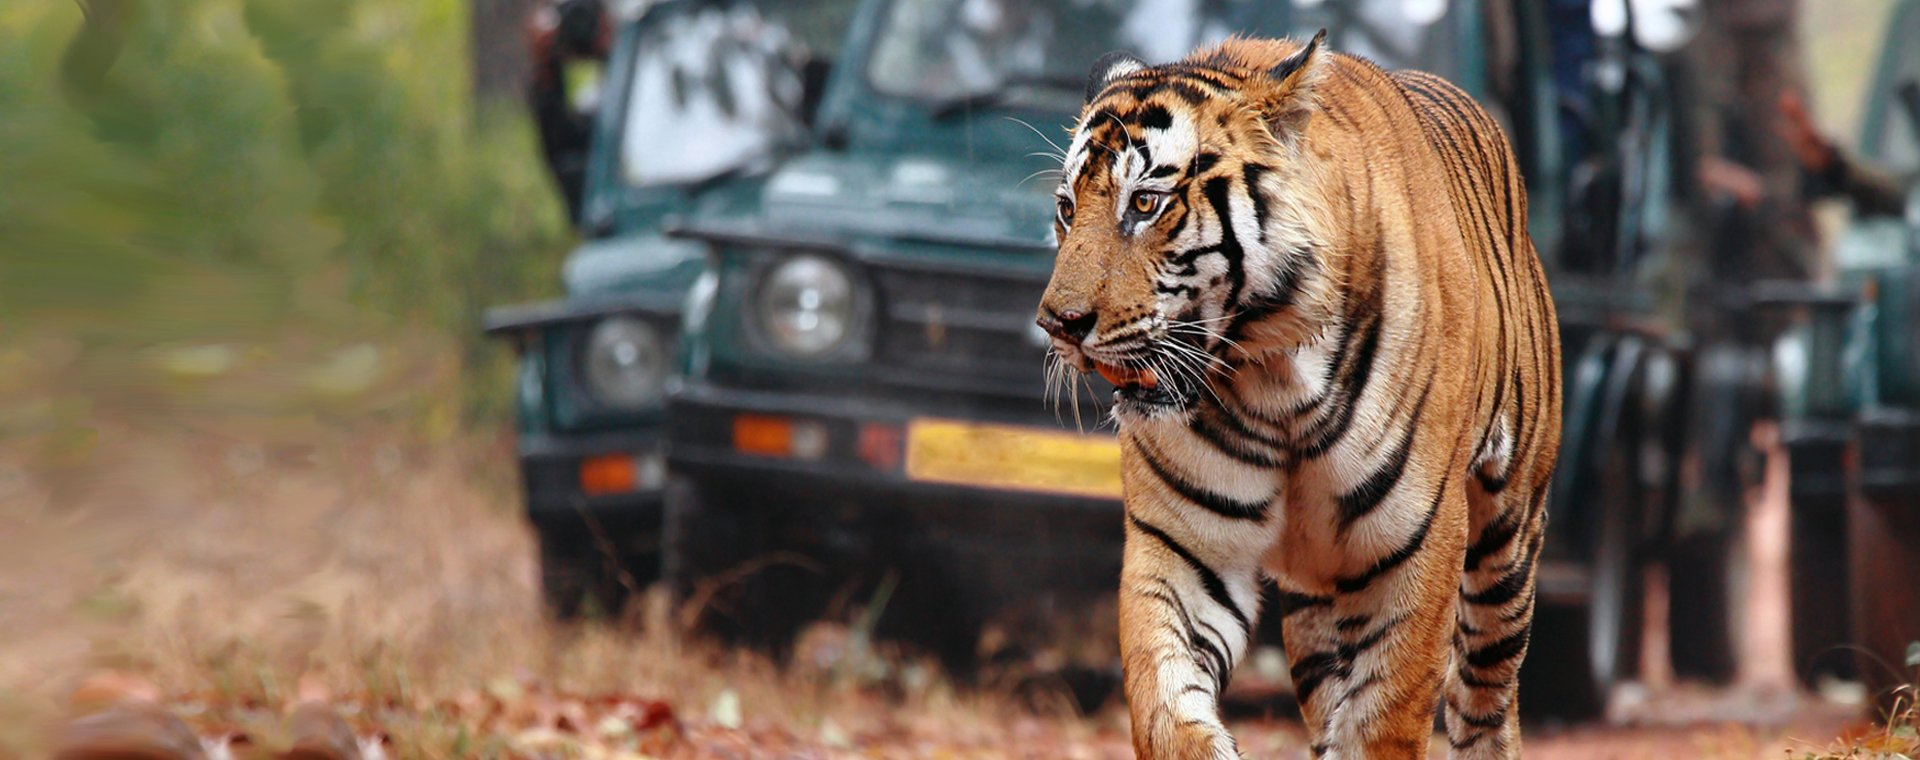 singles tour india tigers